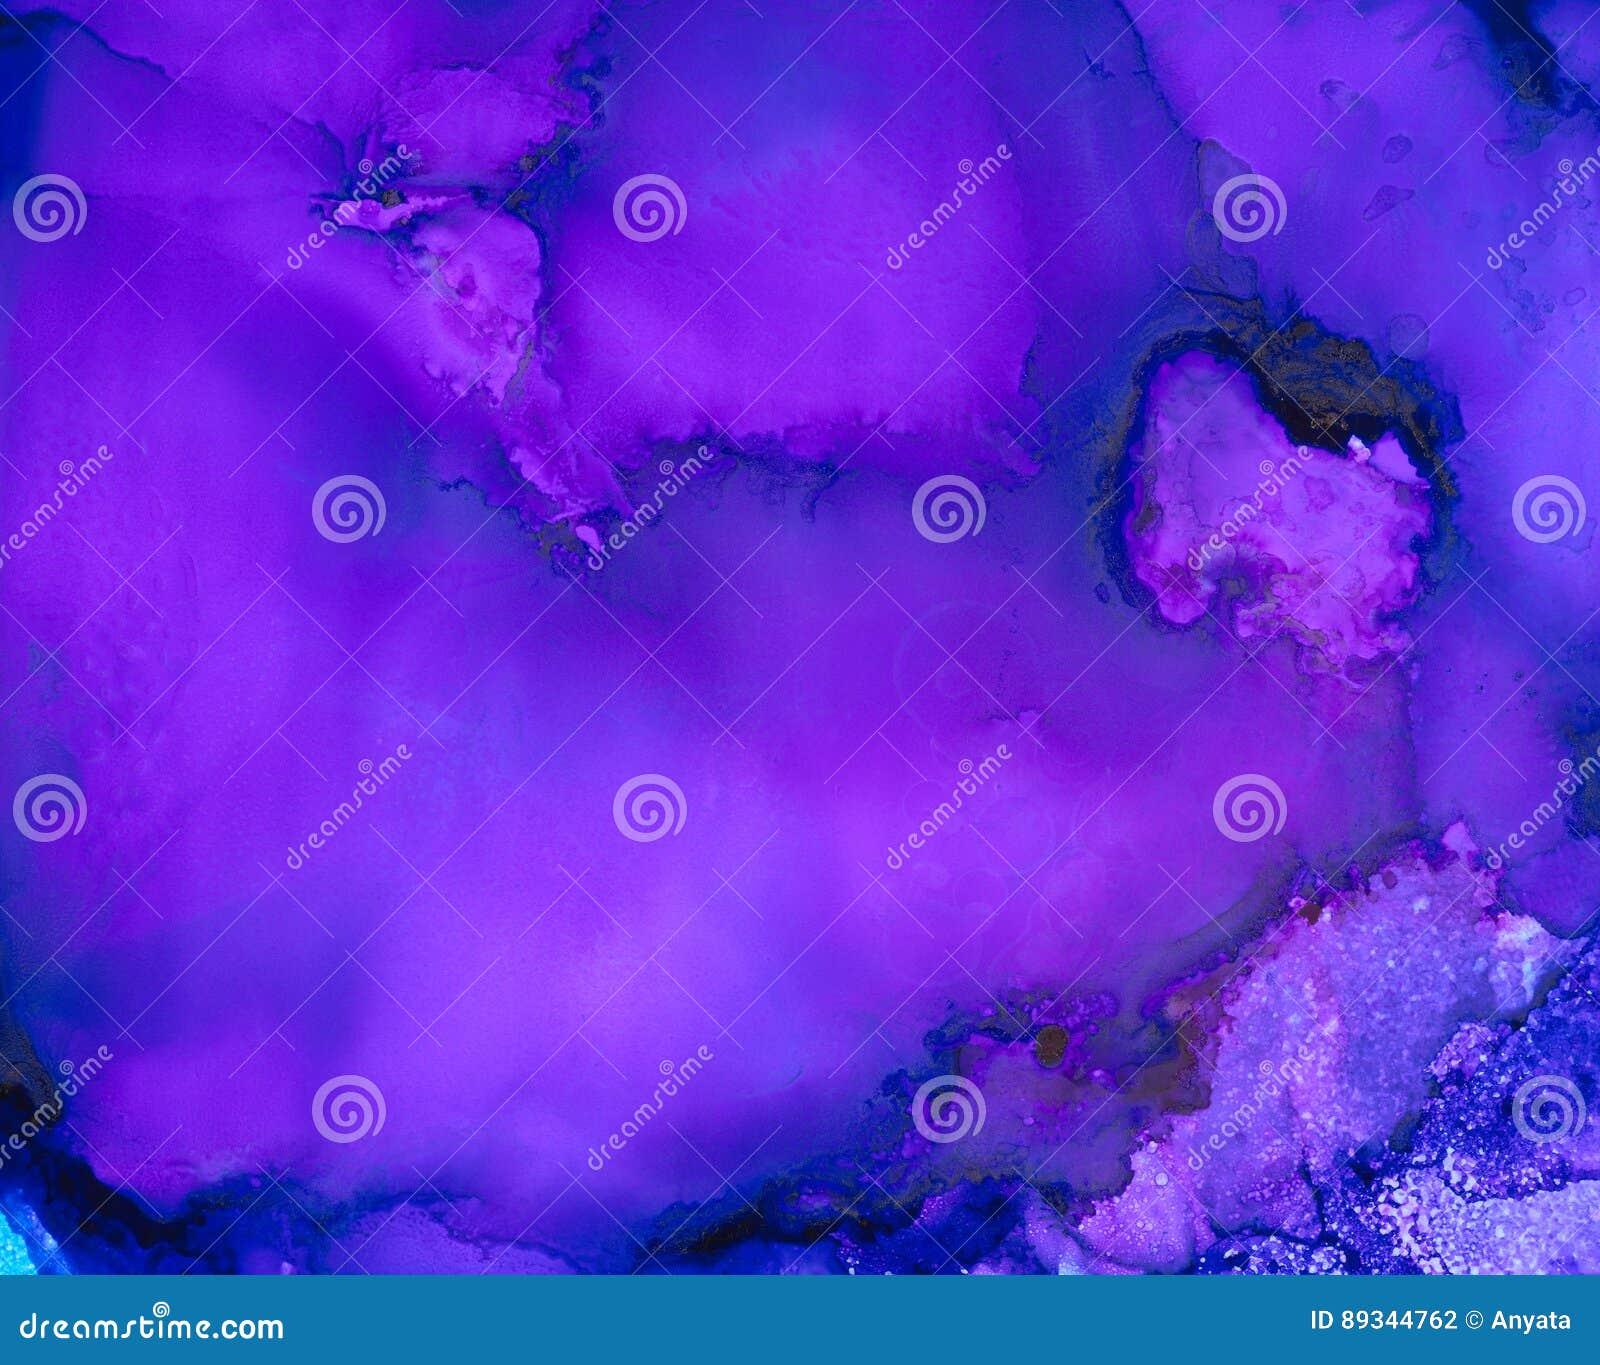 Purpurrote Beschaffenheit mit Wolken